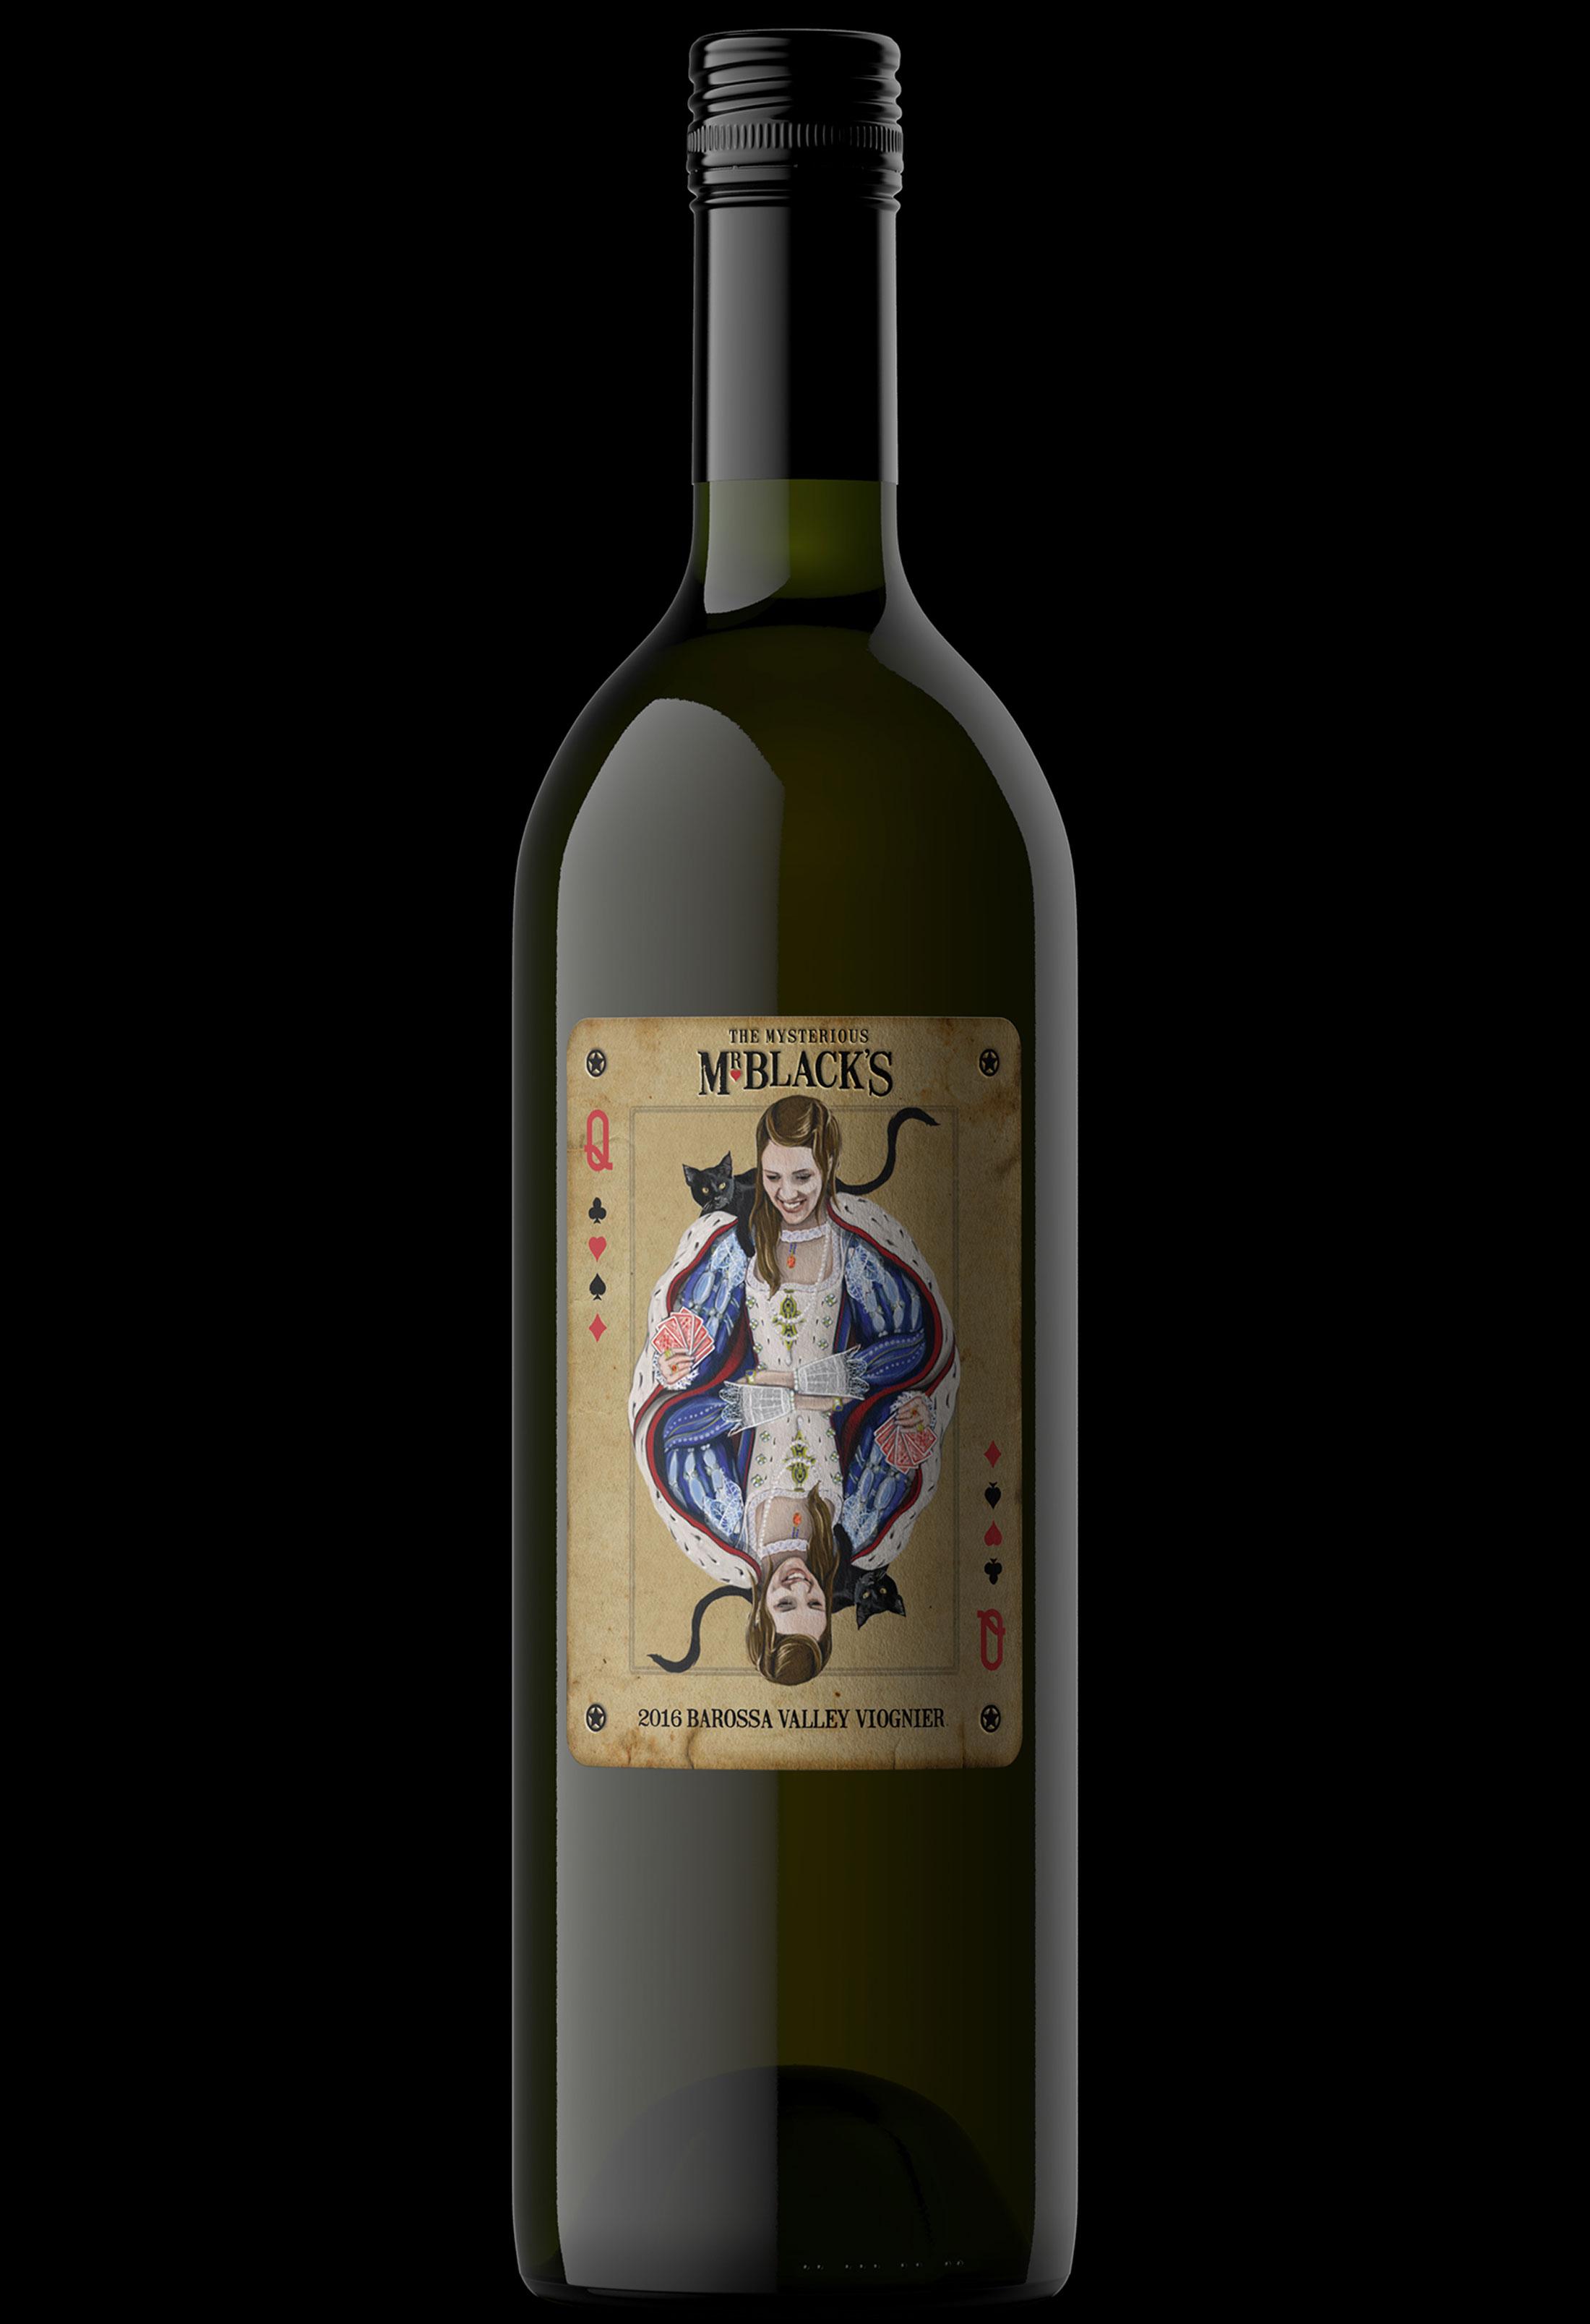 P-2016-The-Queen-Valley-Floor-Viognier-Mysterious-Mr-Black-Barossa-Wine-copy